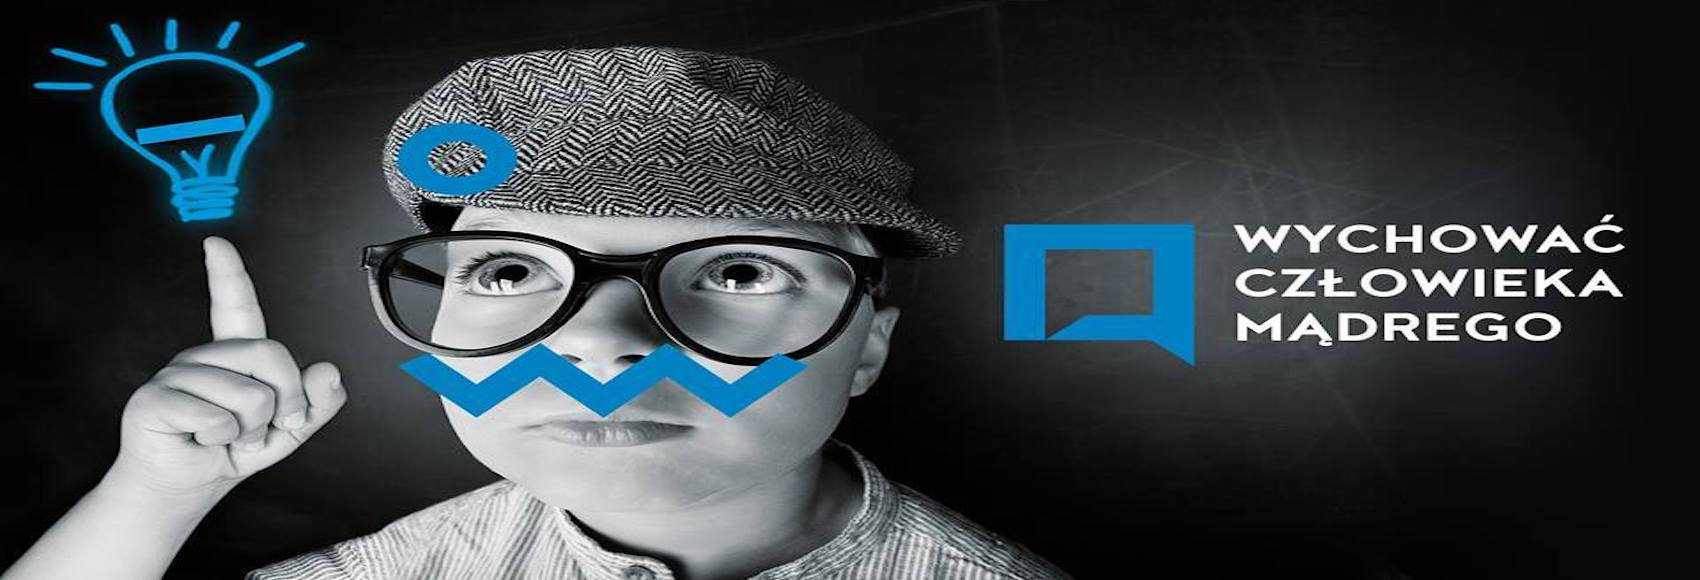 """<p>""""Tutoring przynosi efekty tylko wtedy kiedy jest realizowany"""" &nbsp; Nasza szkoła zakwalifikowała się do ogólnopolskiego projektu &#8222;Wychować człowieka mądrego. Wprowadzenie modelu pracy wychowawczej i resocjalizacyjnej z zastosowaniem metody tutoringu szkolnego jako profilaktyki pozytywnej problemów w polskiej szkole&#8221;. Realizatorem projektu jest Instytut Tutoringu Szkolnego &#8211; www.tutoring.org.pl (placówka Towarzystwa Edukacji Otwartej), a [&hellip;]</p>"""